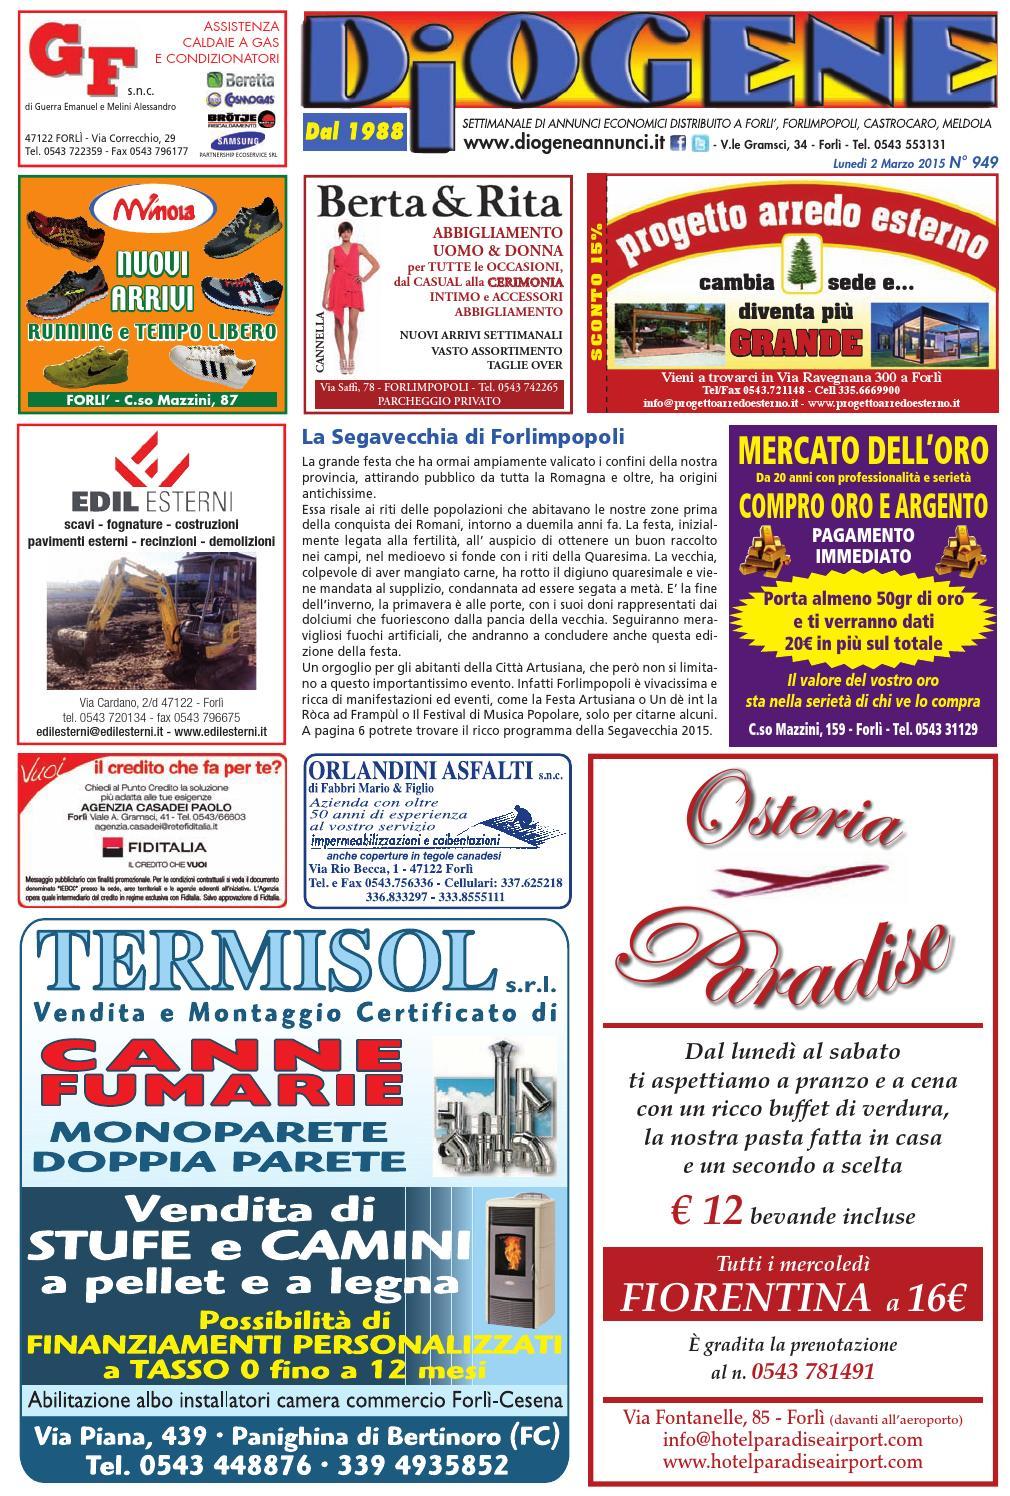 cf8173854c Diogene Annunci 02/03 by Diogene Annunci - issuu